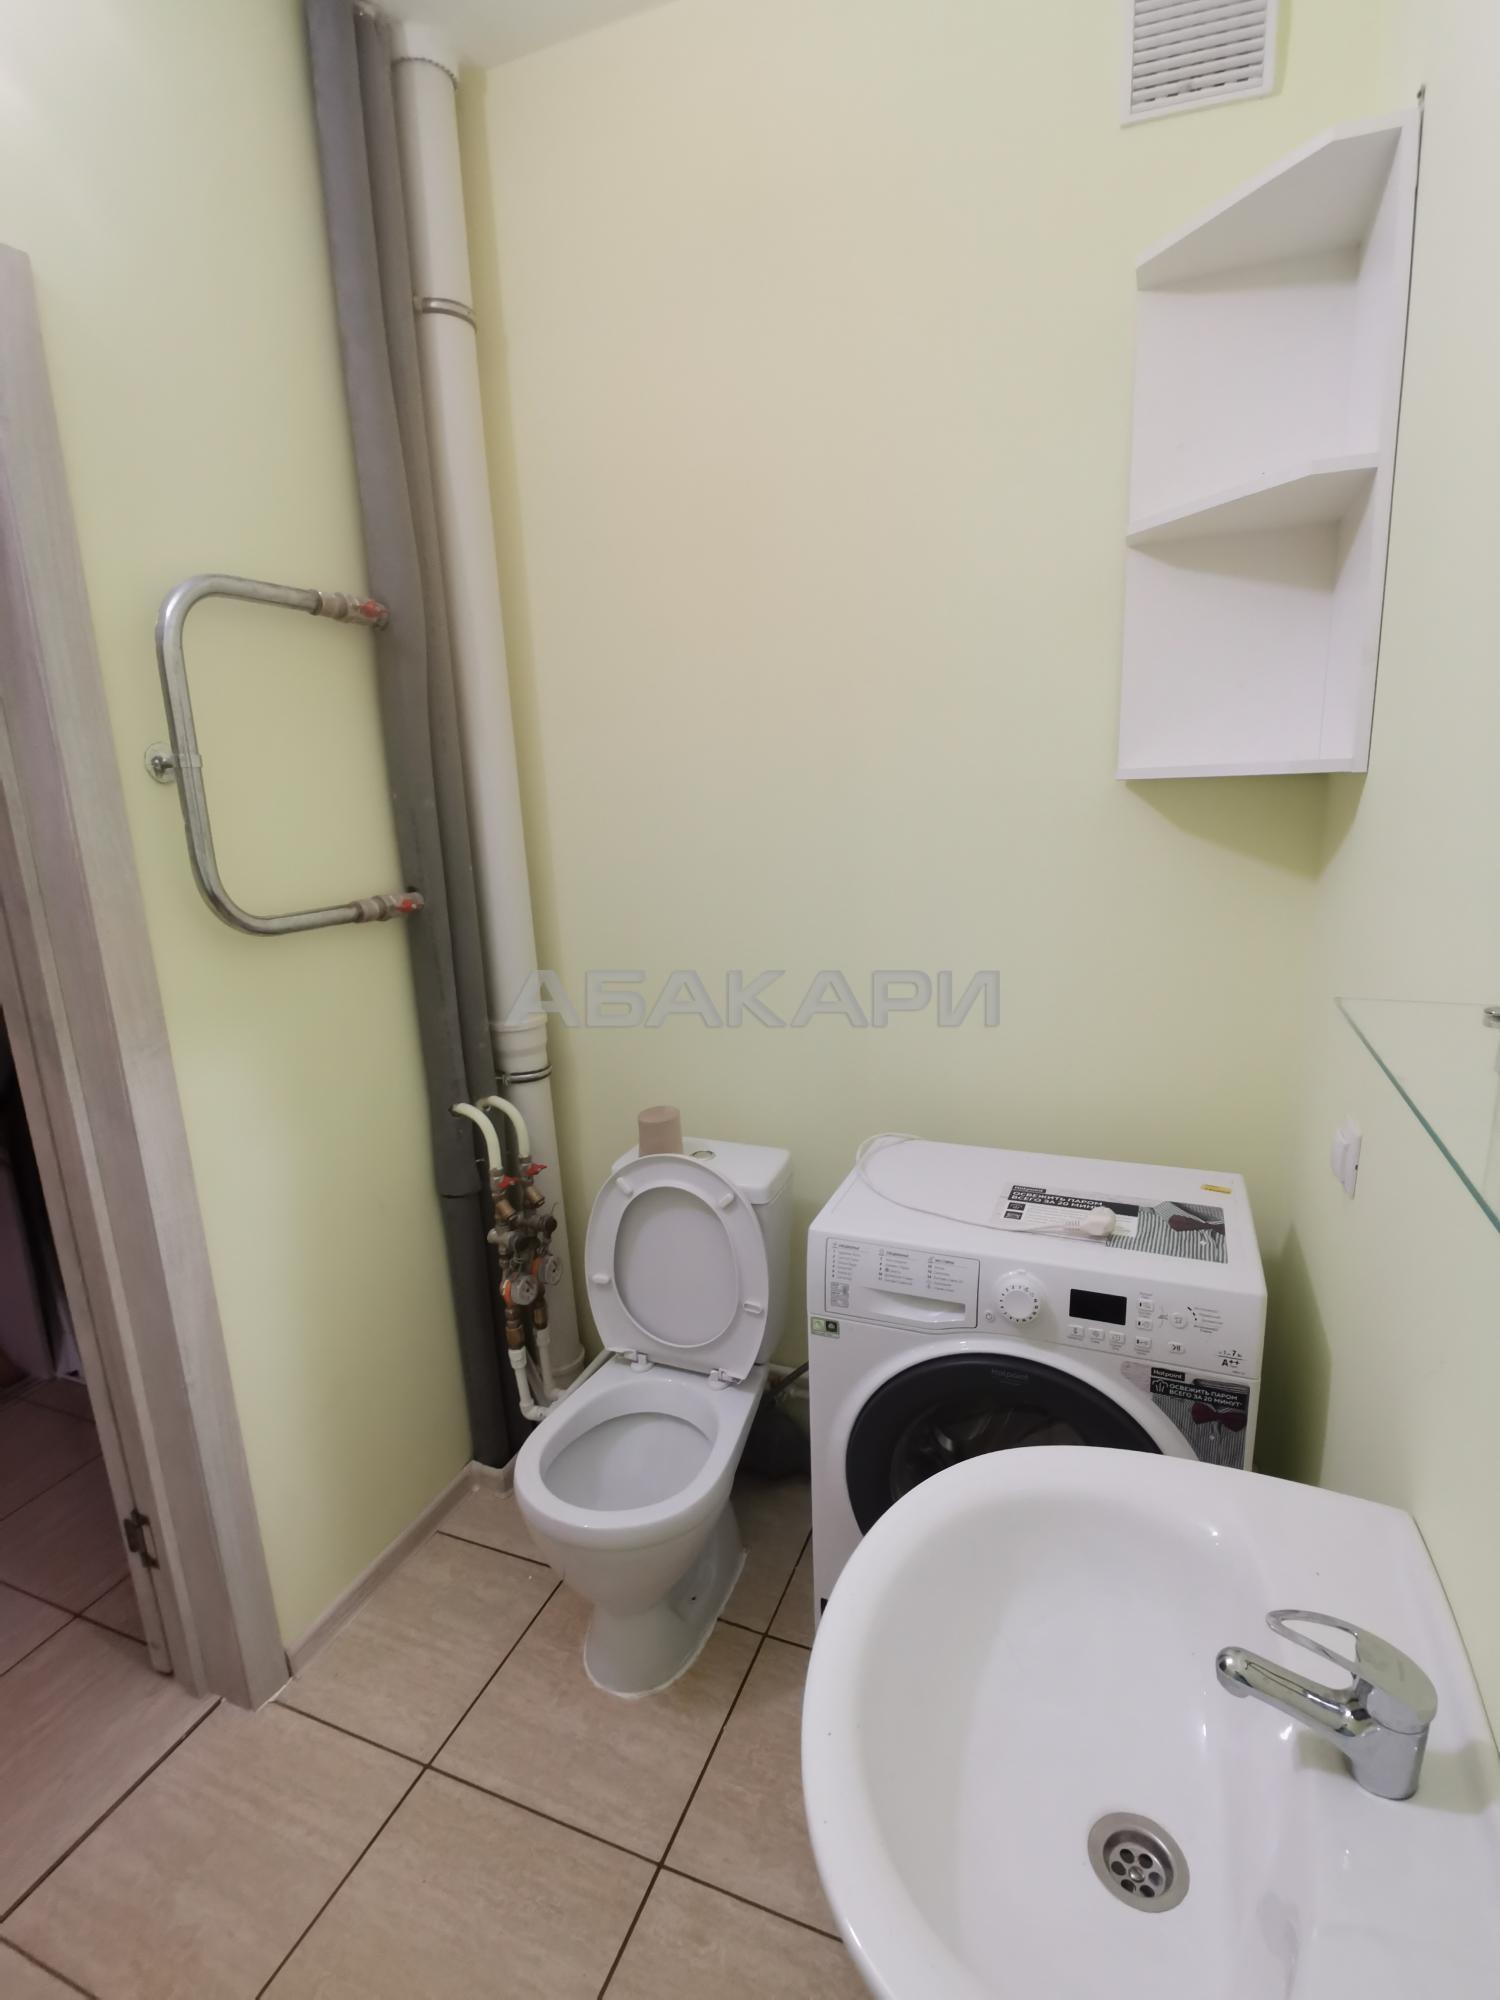 2к квартира улица Шахтеров, 33Л 3/17 - 34кв | 23000 | аренда в Красноярске фото 4